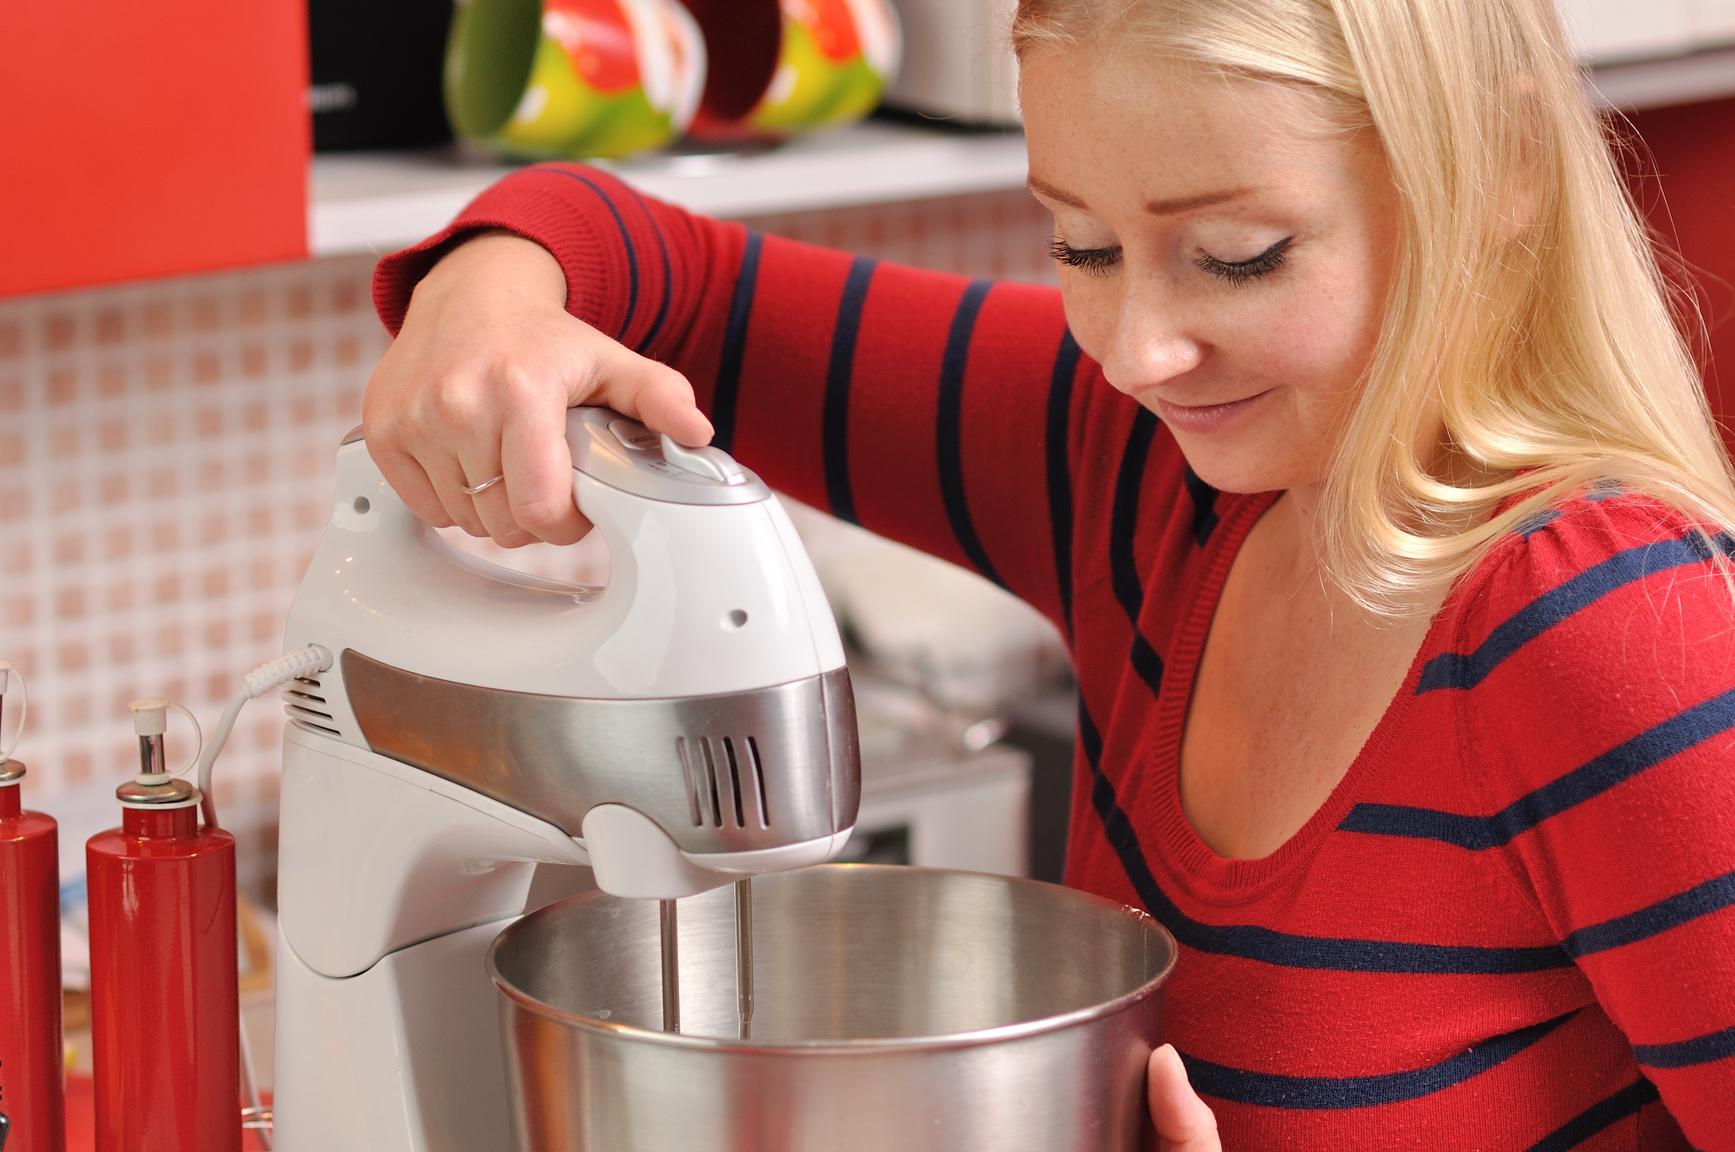 Risparmia tempo per cucinare usando i migliori Robot da cucina Bosch